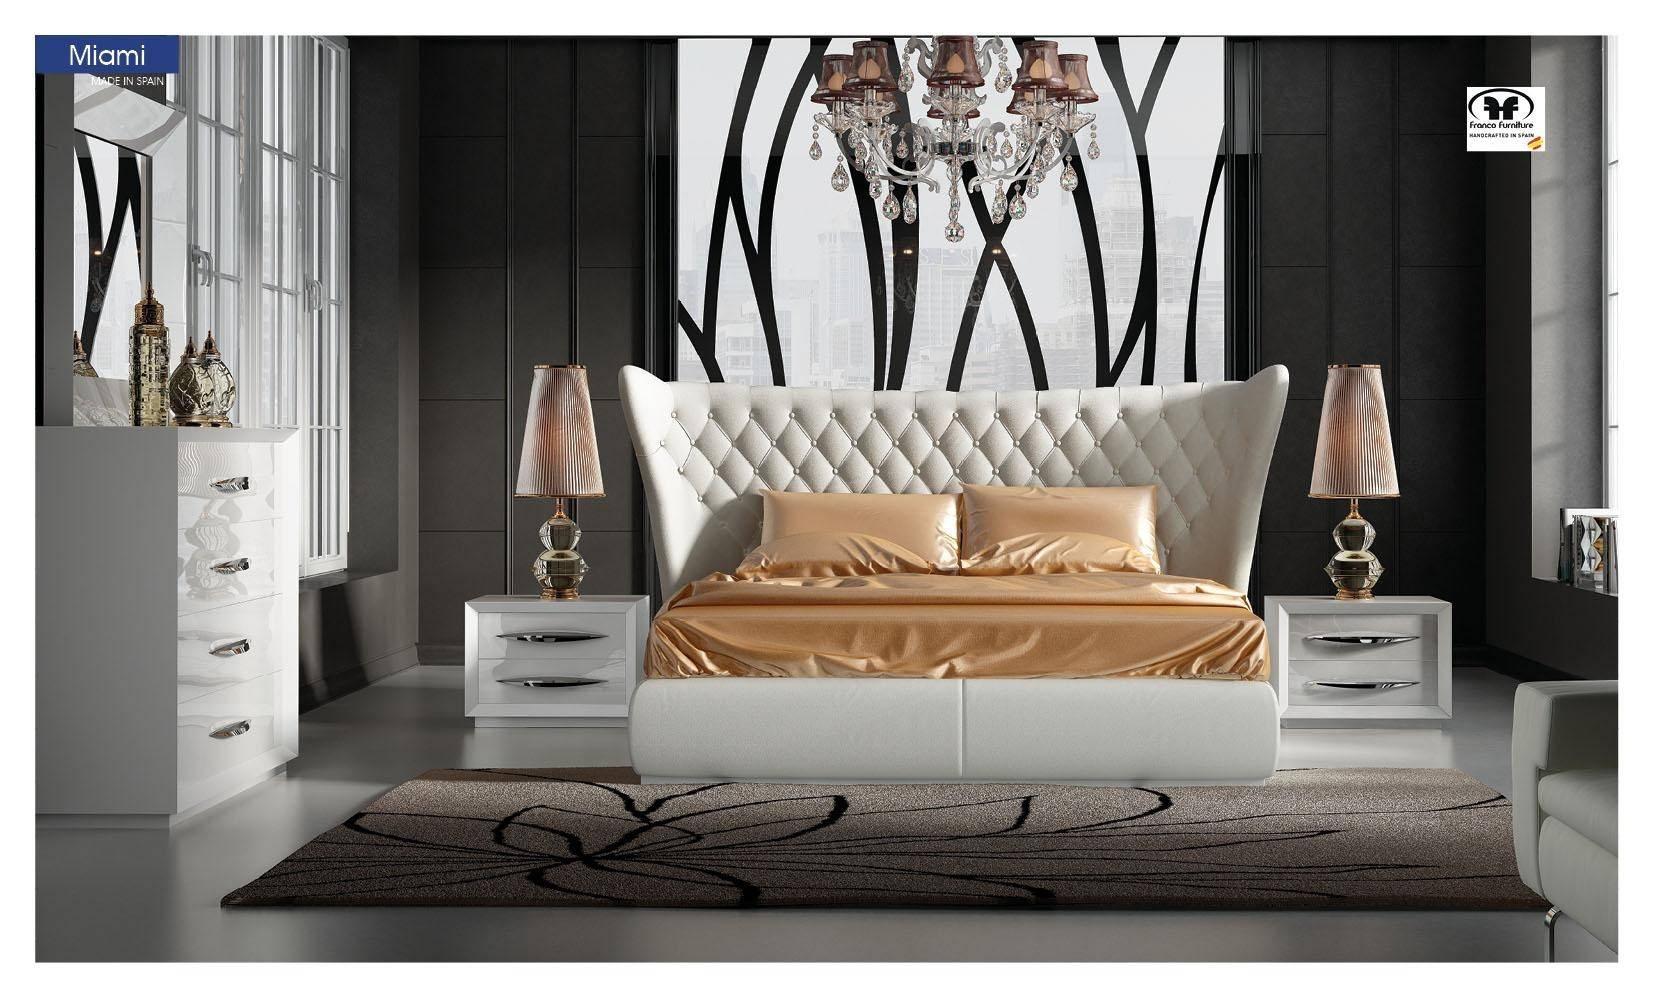 Buy Esf Miami Carmen King Platform Bedroom Set 5 Pcs In White Eco